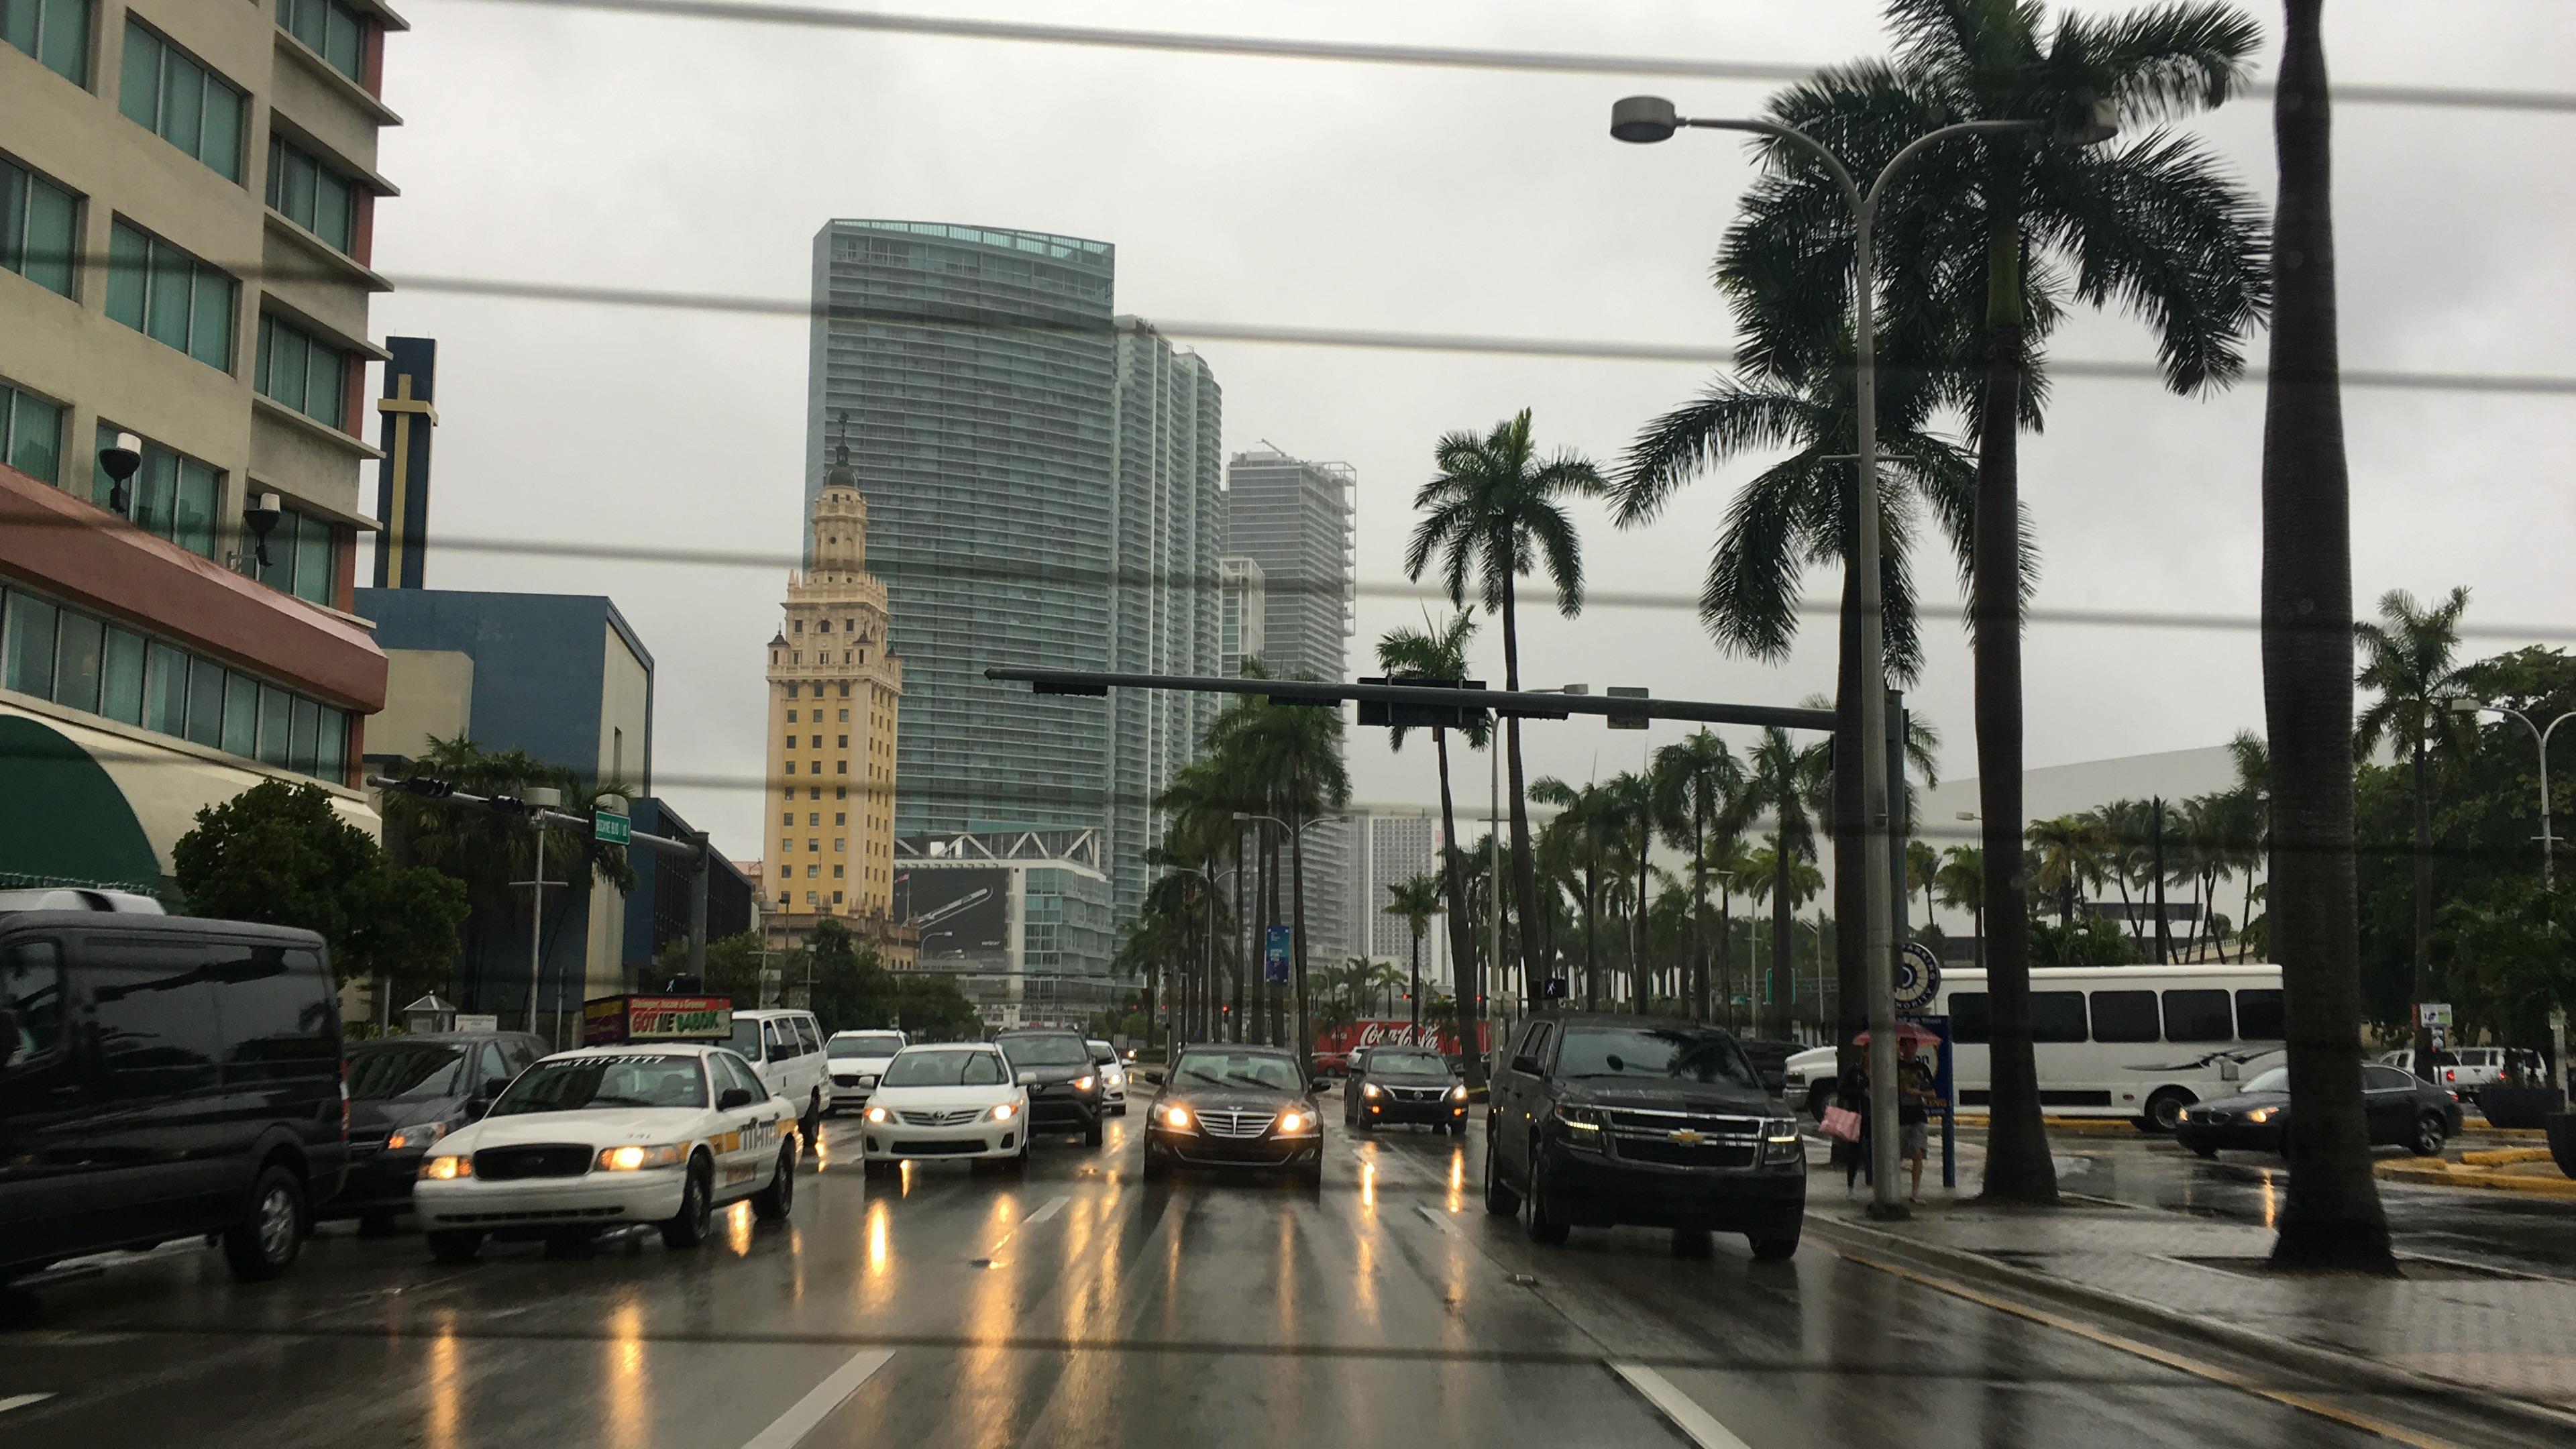 A Rainy Day in Miami